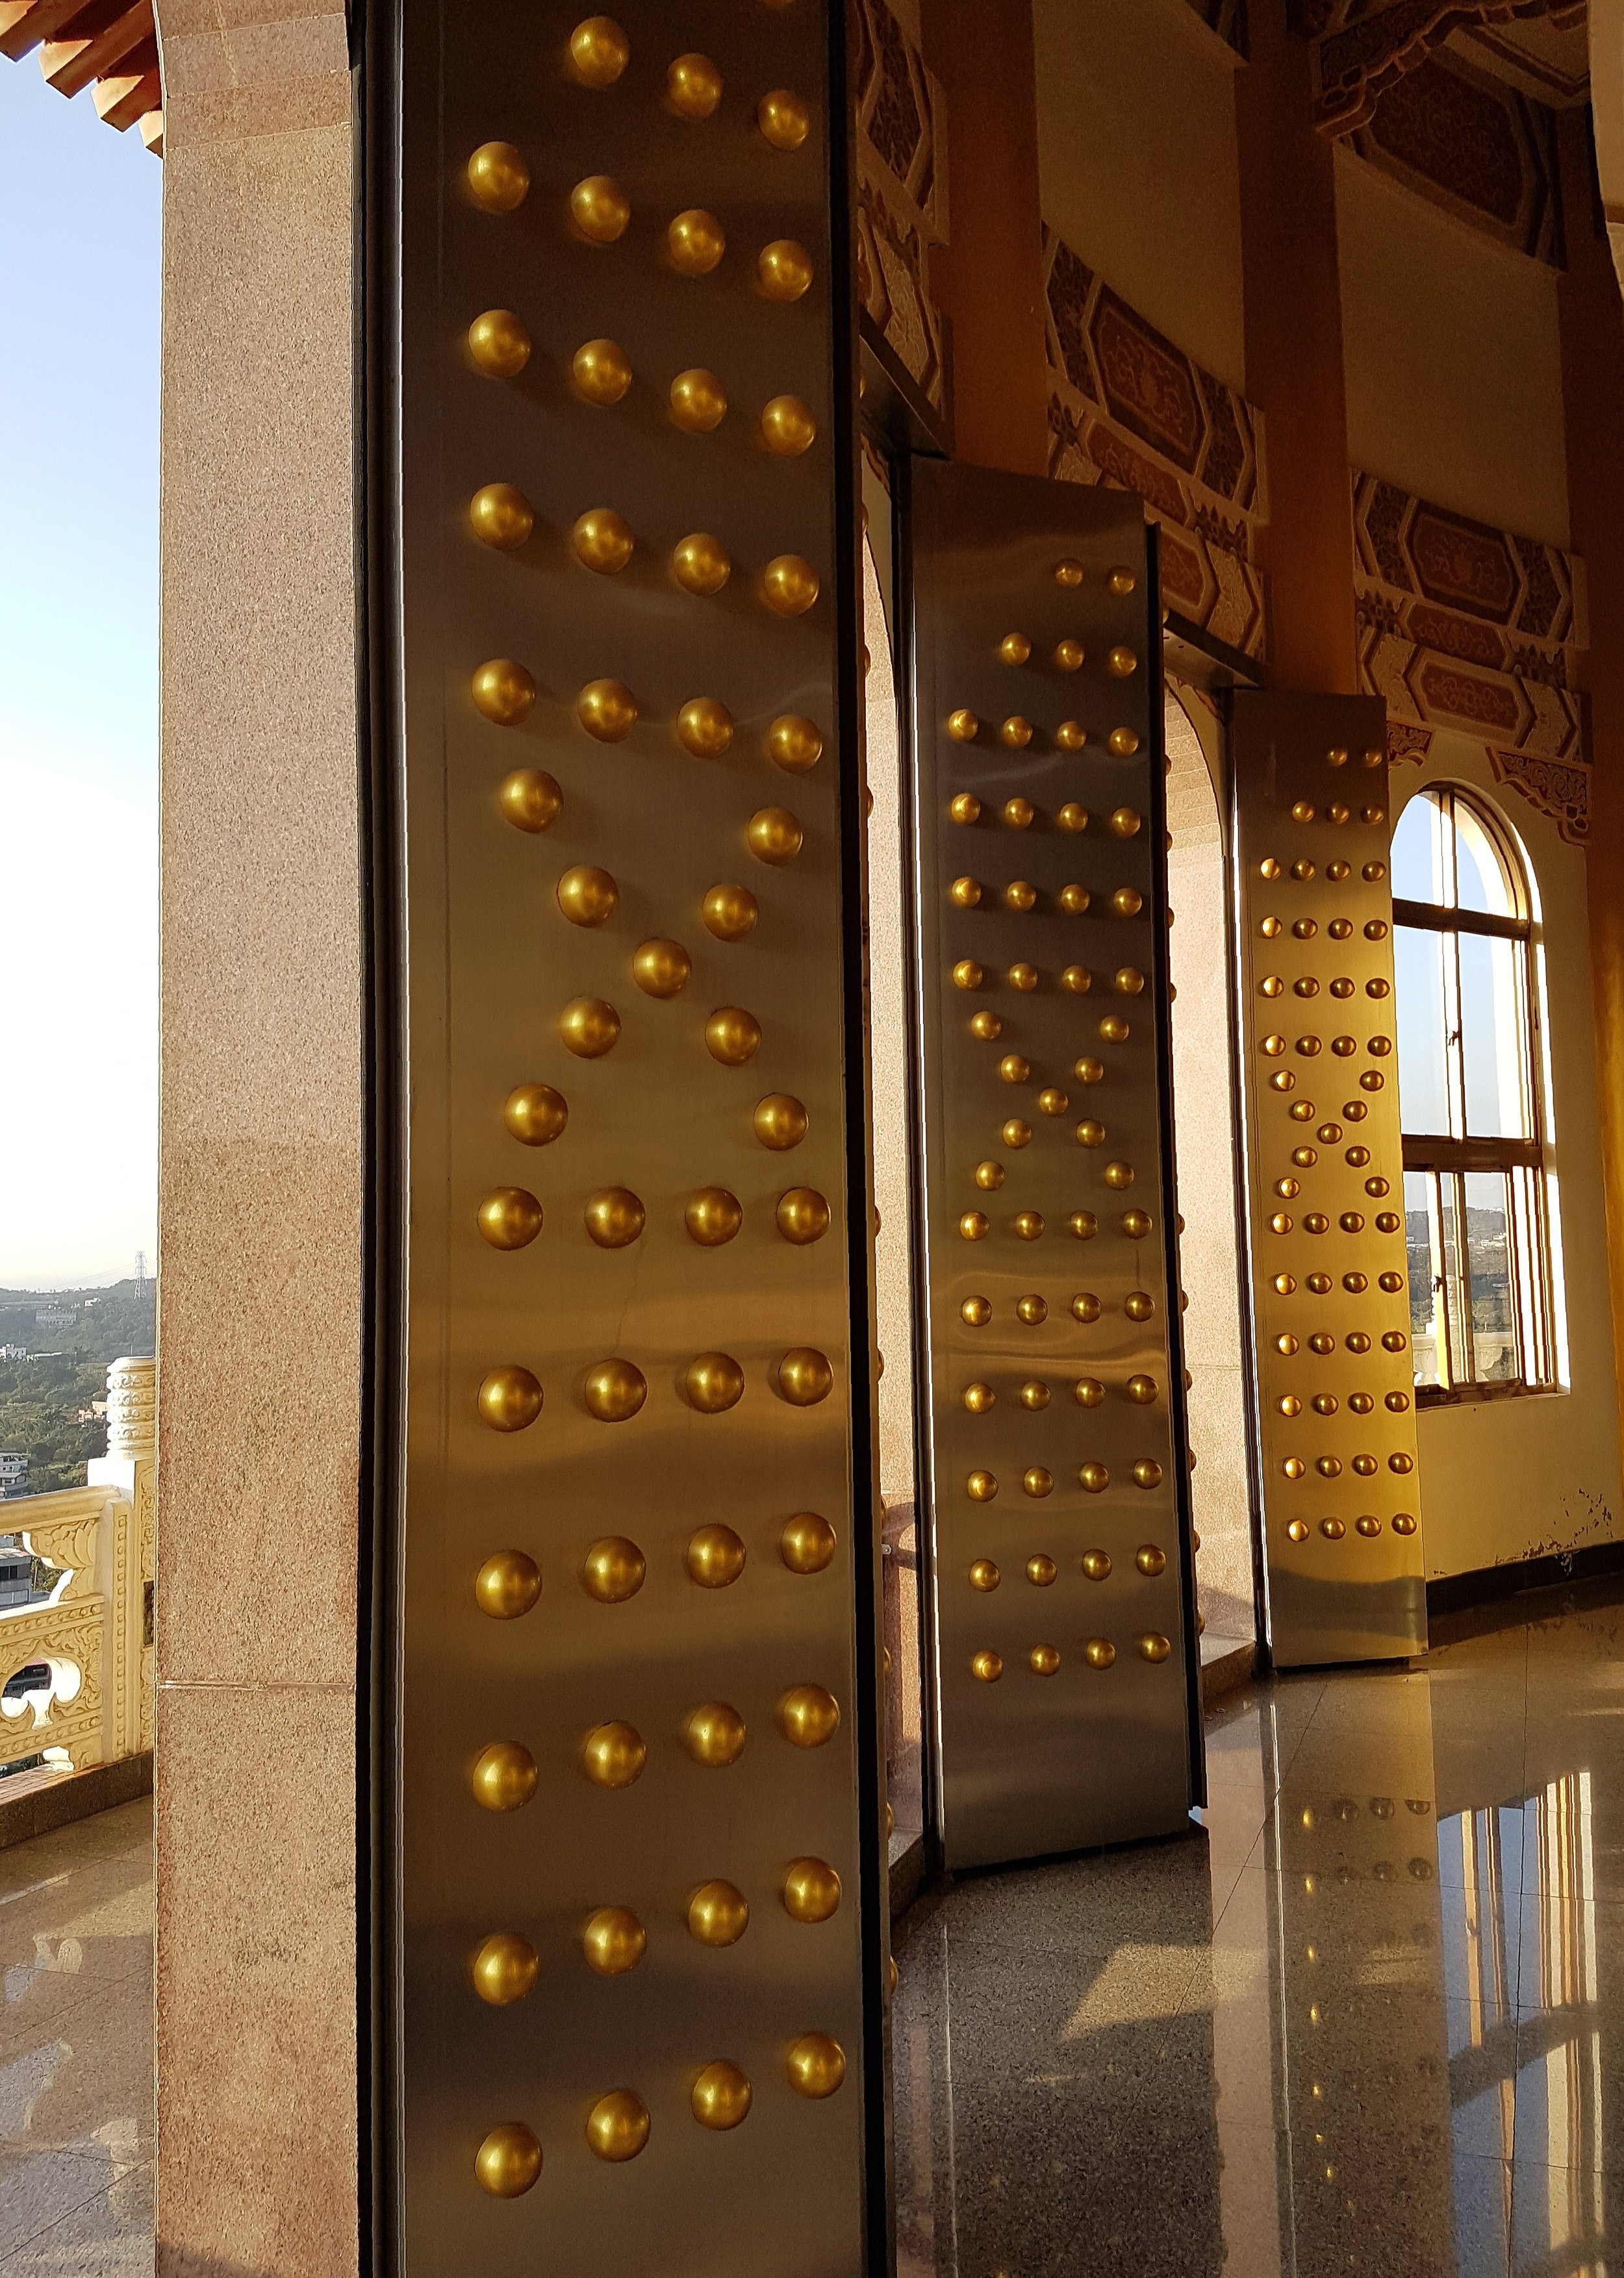 Dalek doors